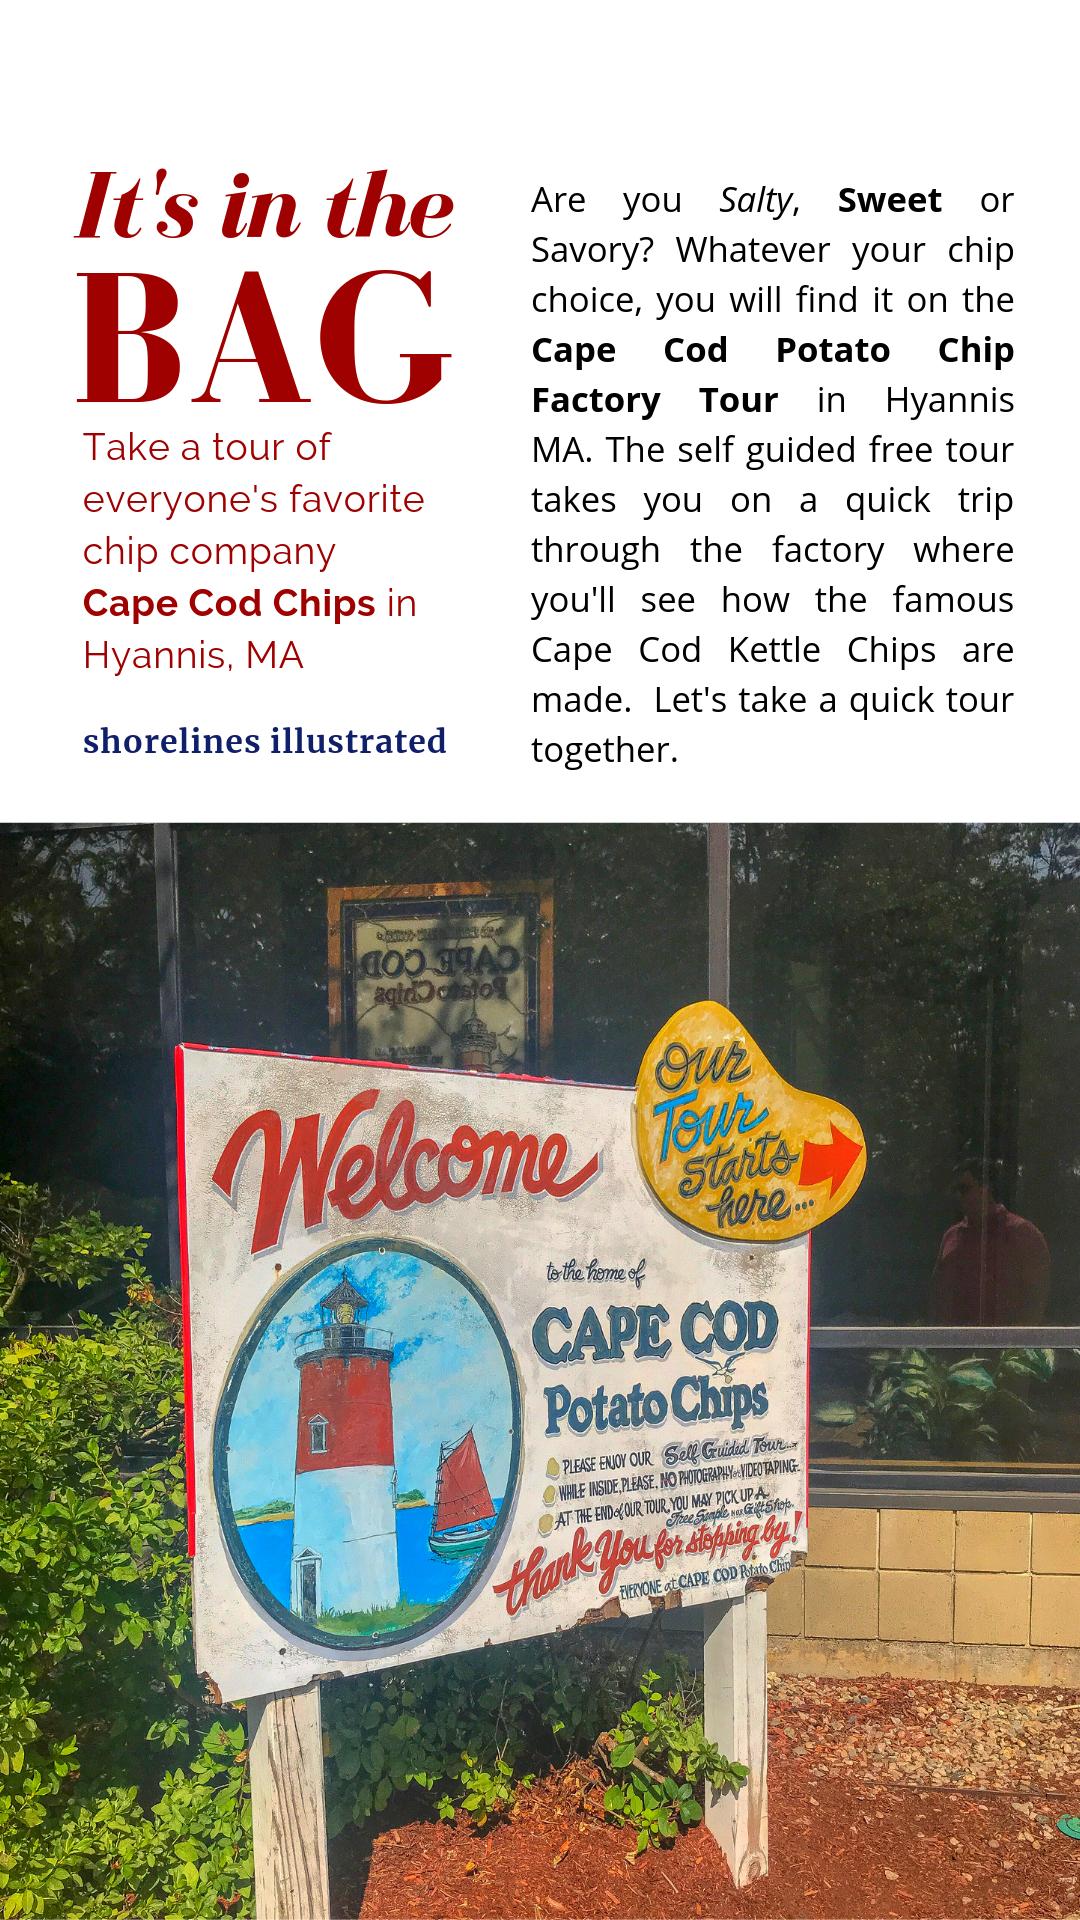 Cape_Cod_Factory_Tour_Story_2